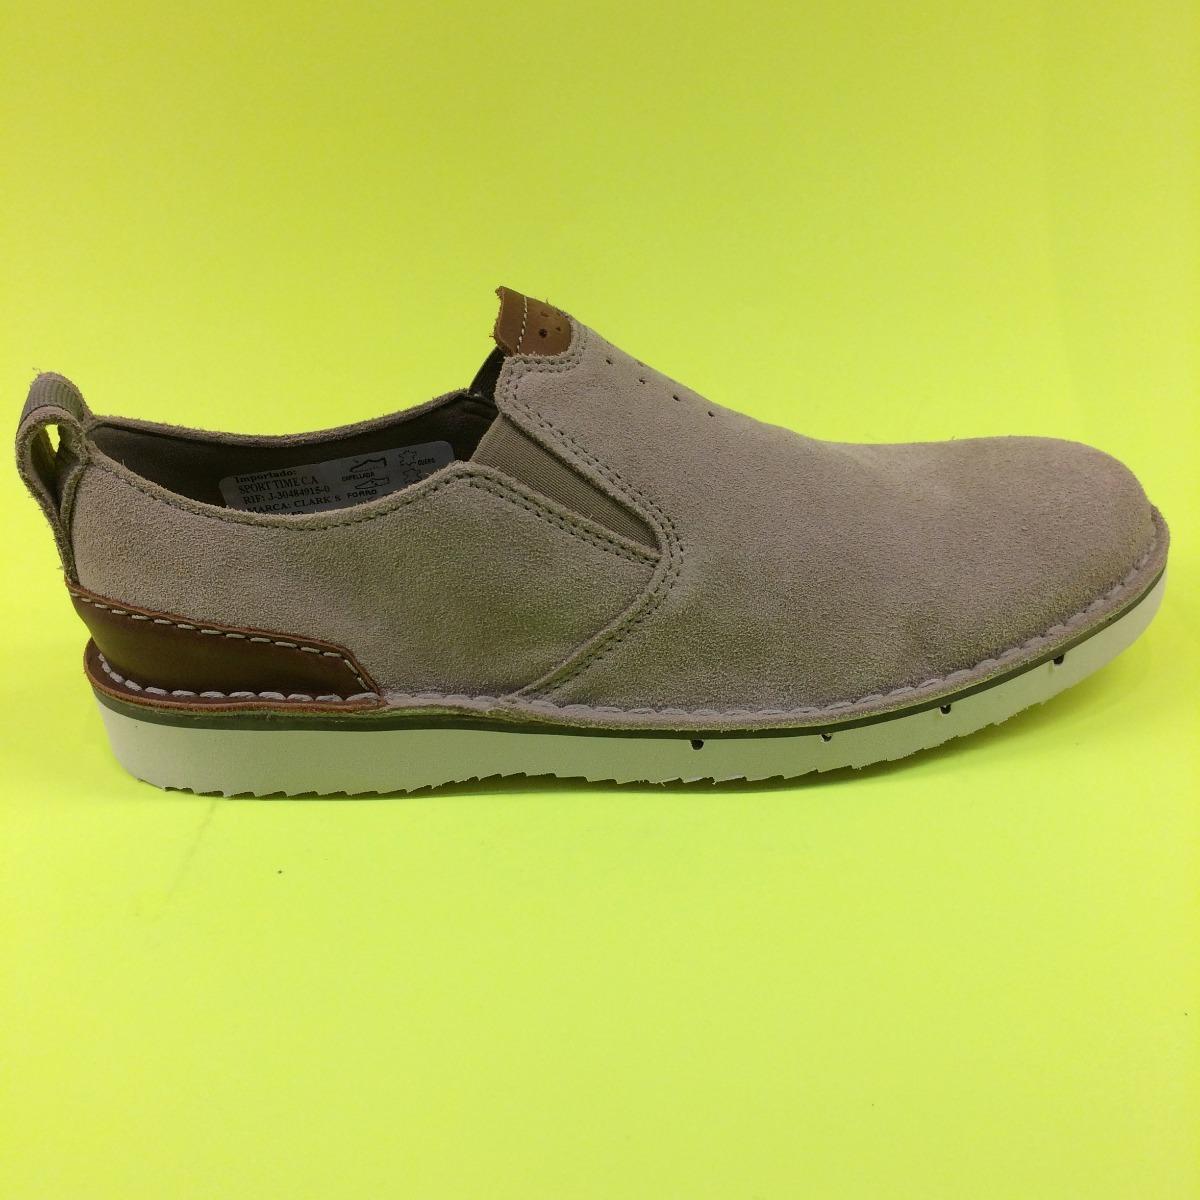 Para Bs118 Zapatos 261245927070 Hombres Clarks 00 Originales wv80nmN